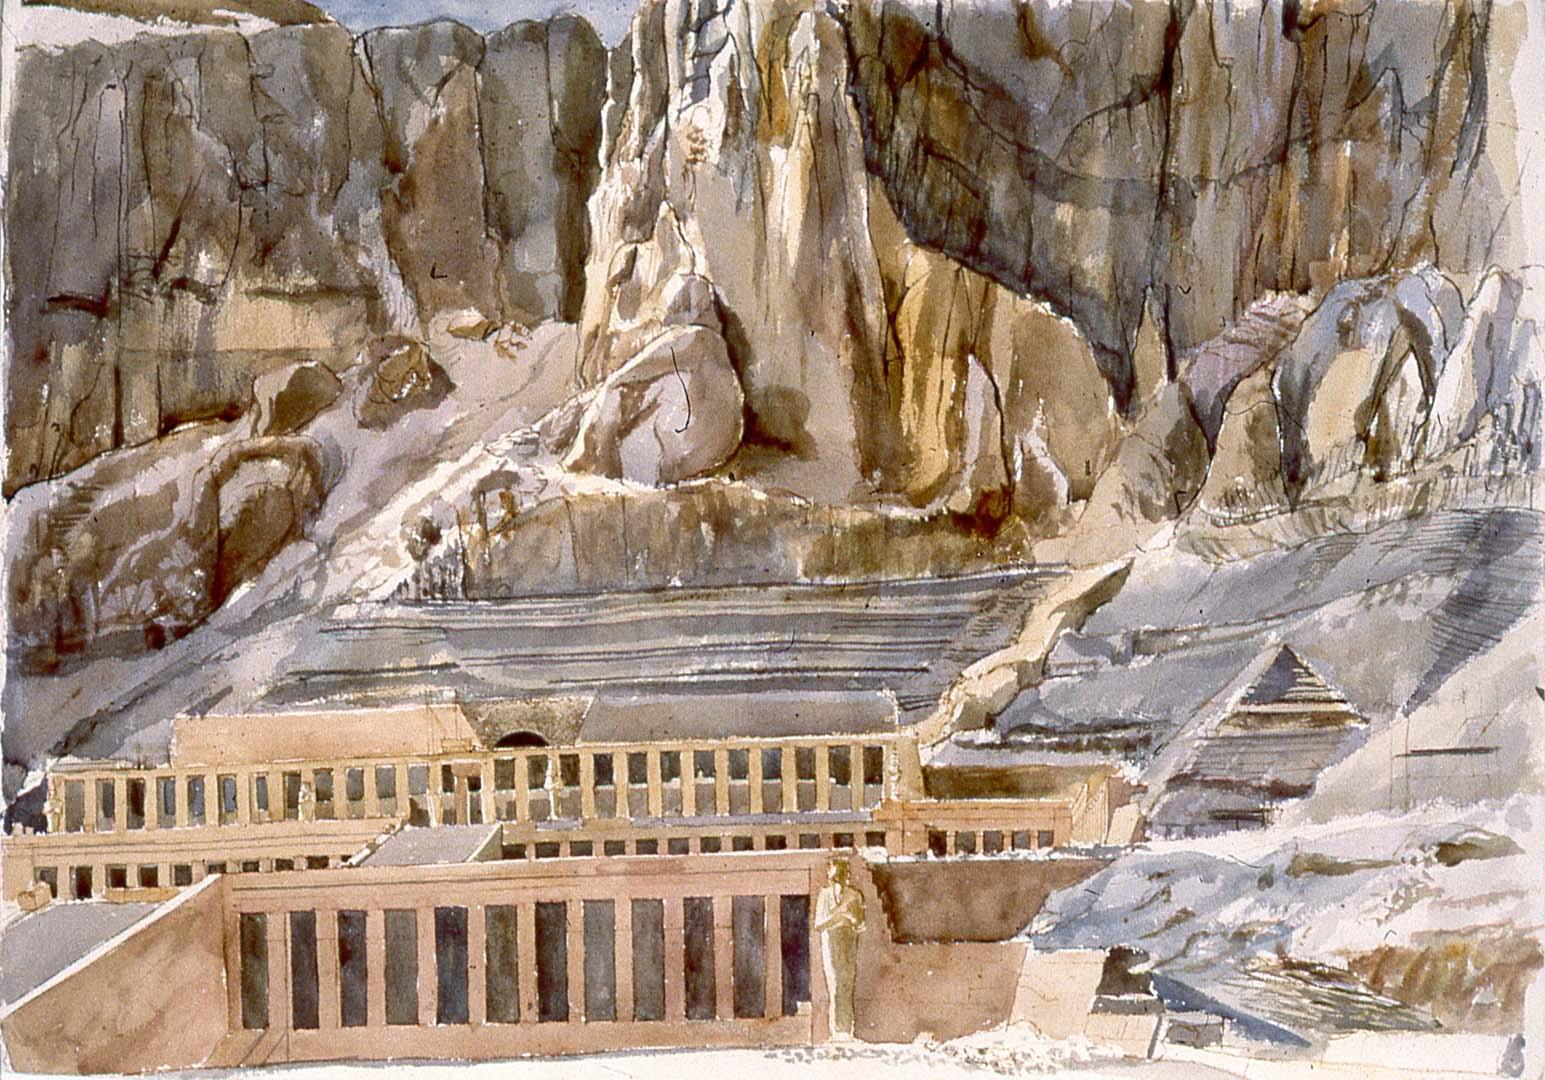 1979 Temple of Hatshepsut Watercolor on Paper 29 x 41